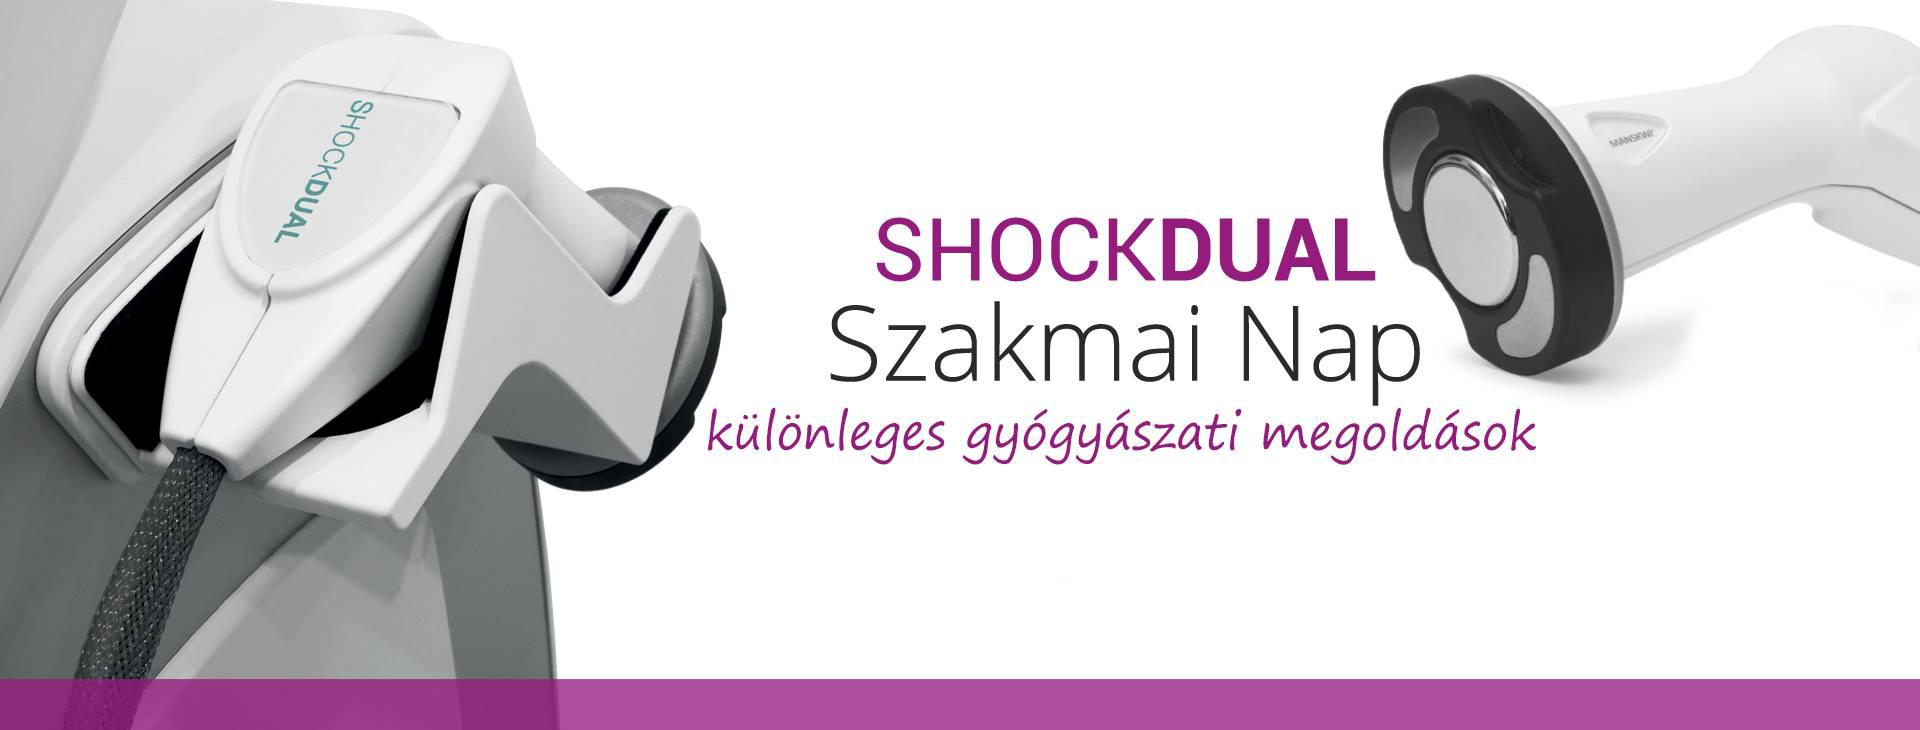 Shockdual Lökéshullámterápia nyílt napok – különleges gyógyászati megoldások